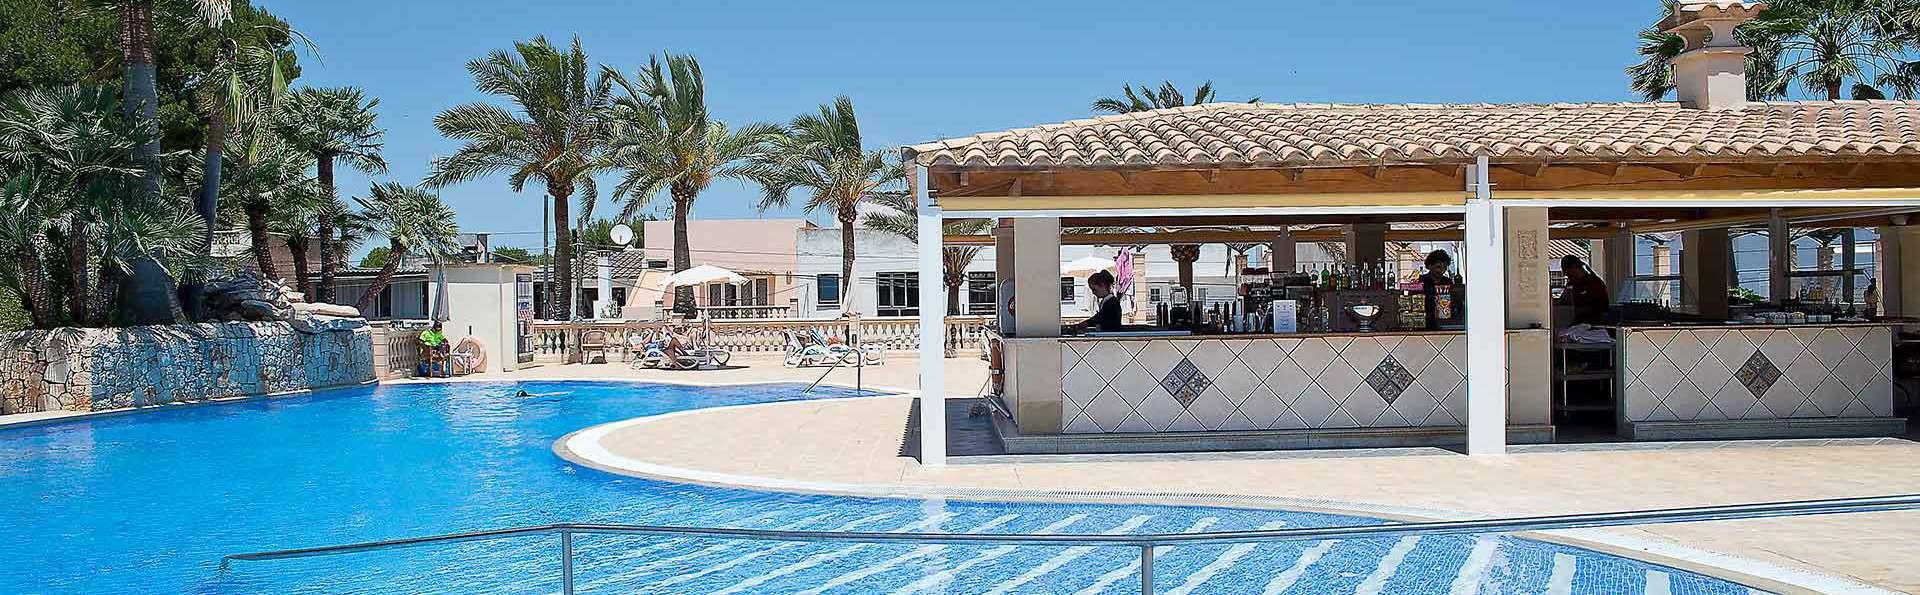 Vacances en demi-pension à Portocolom : quartier calme avec des plages spectaculaires